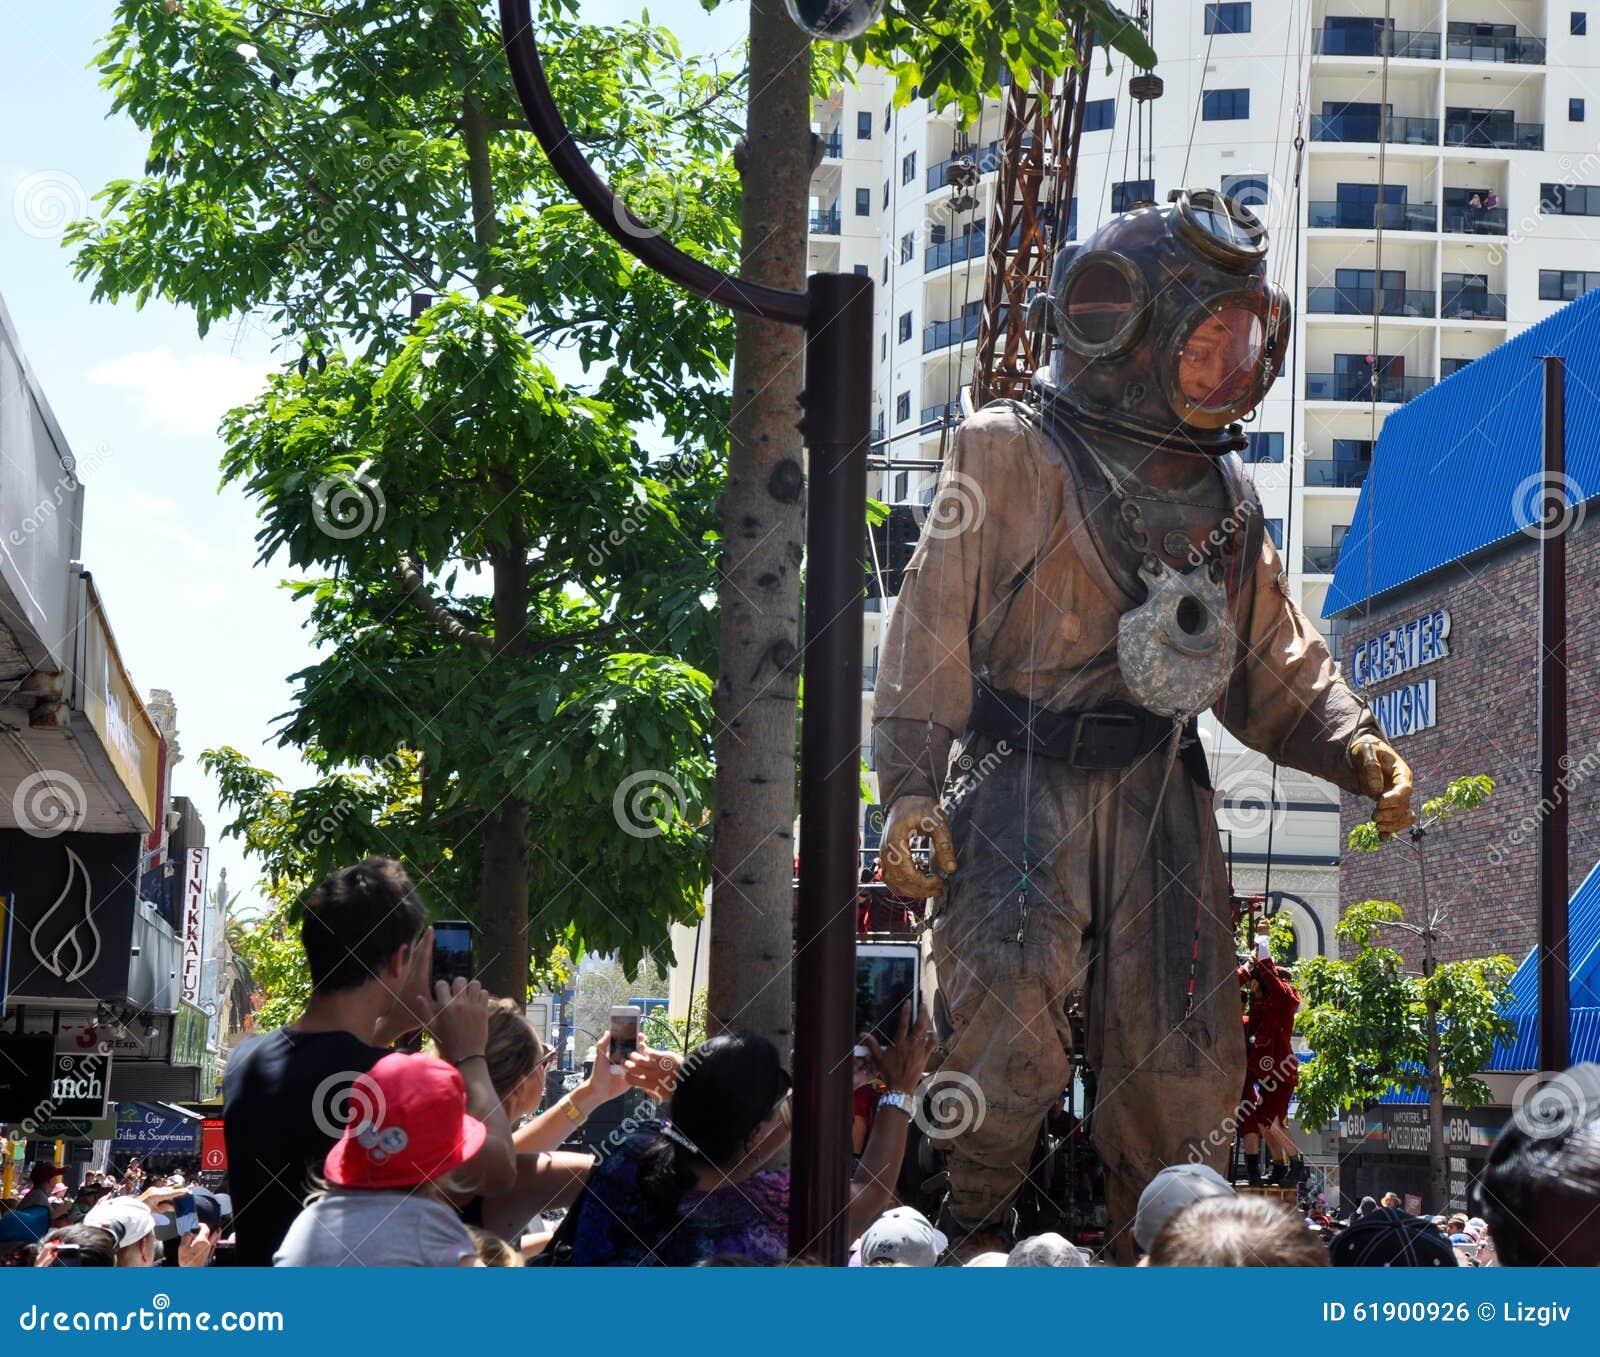 潜水者牵线木偶:巨人的旅途:珀斯,澳大利亚